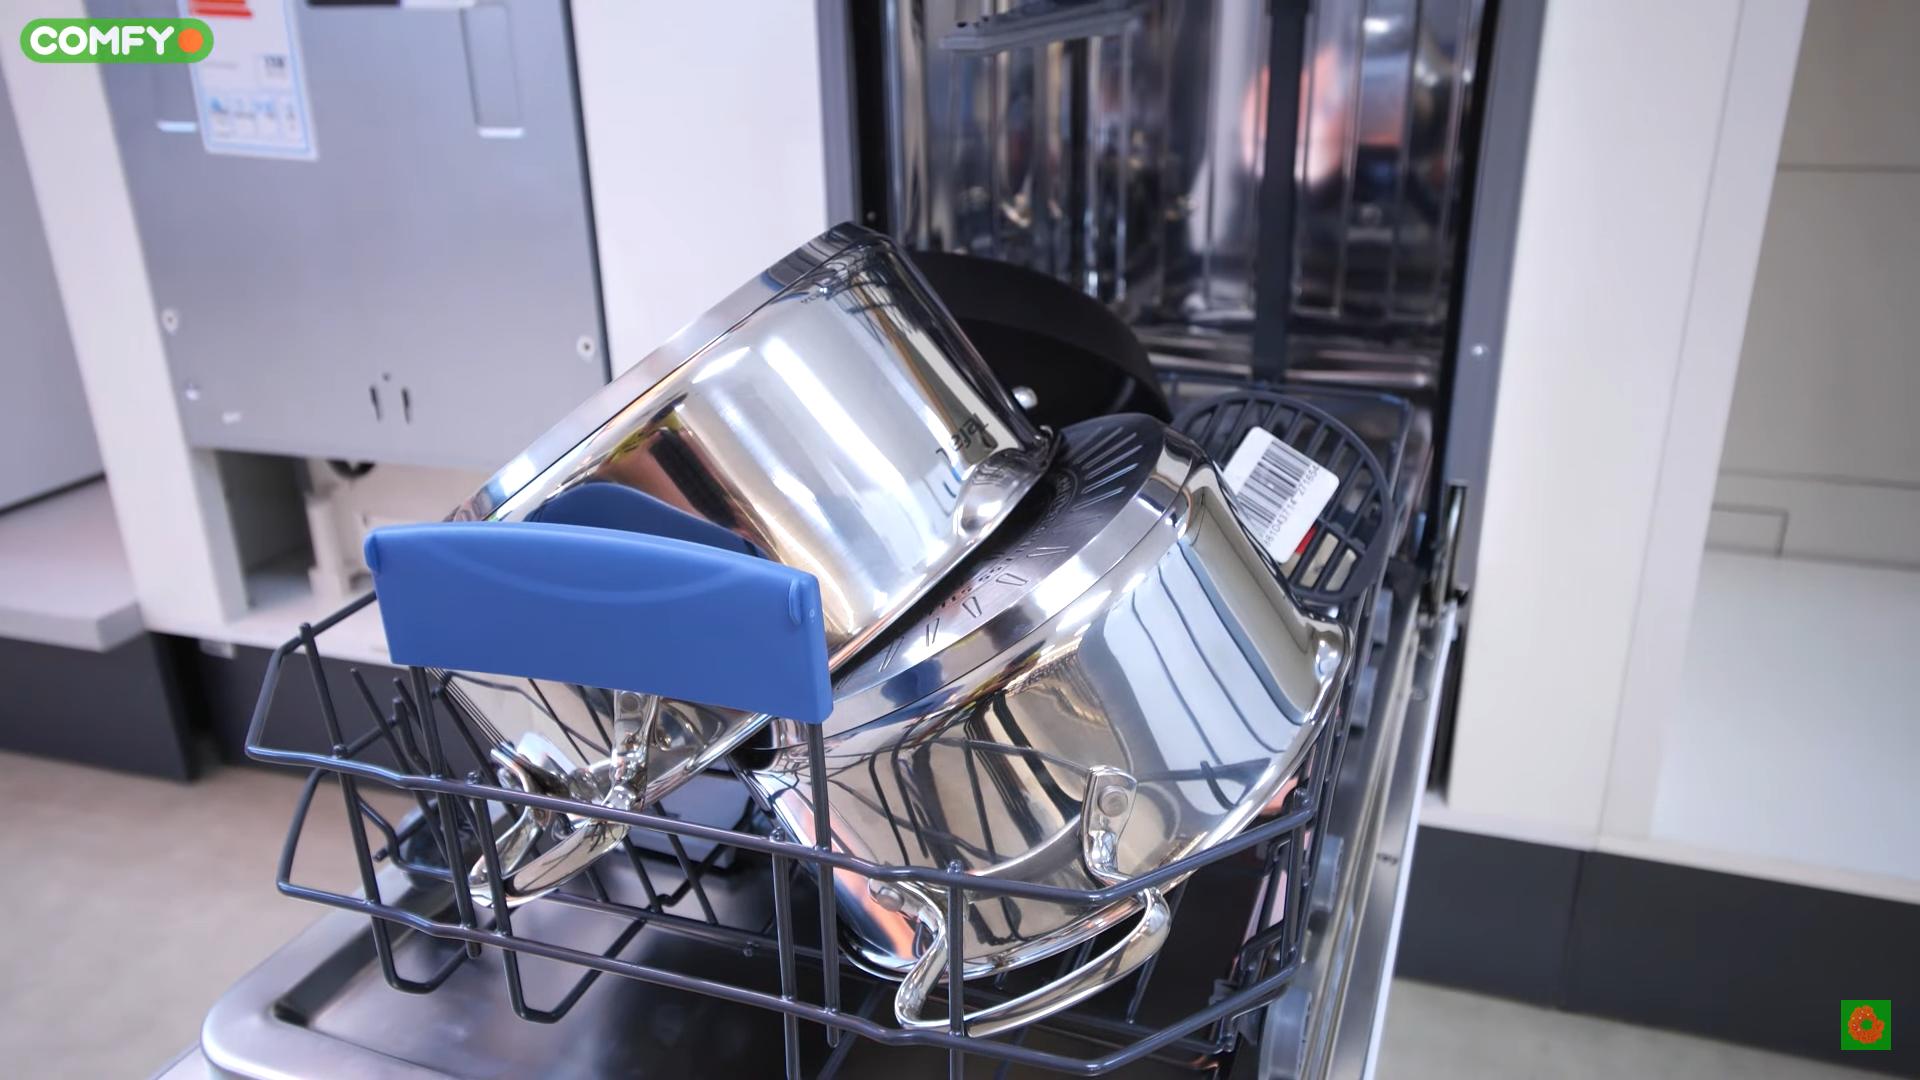 Загруженная посудомойка